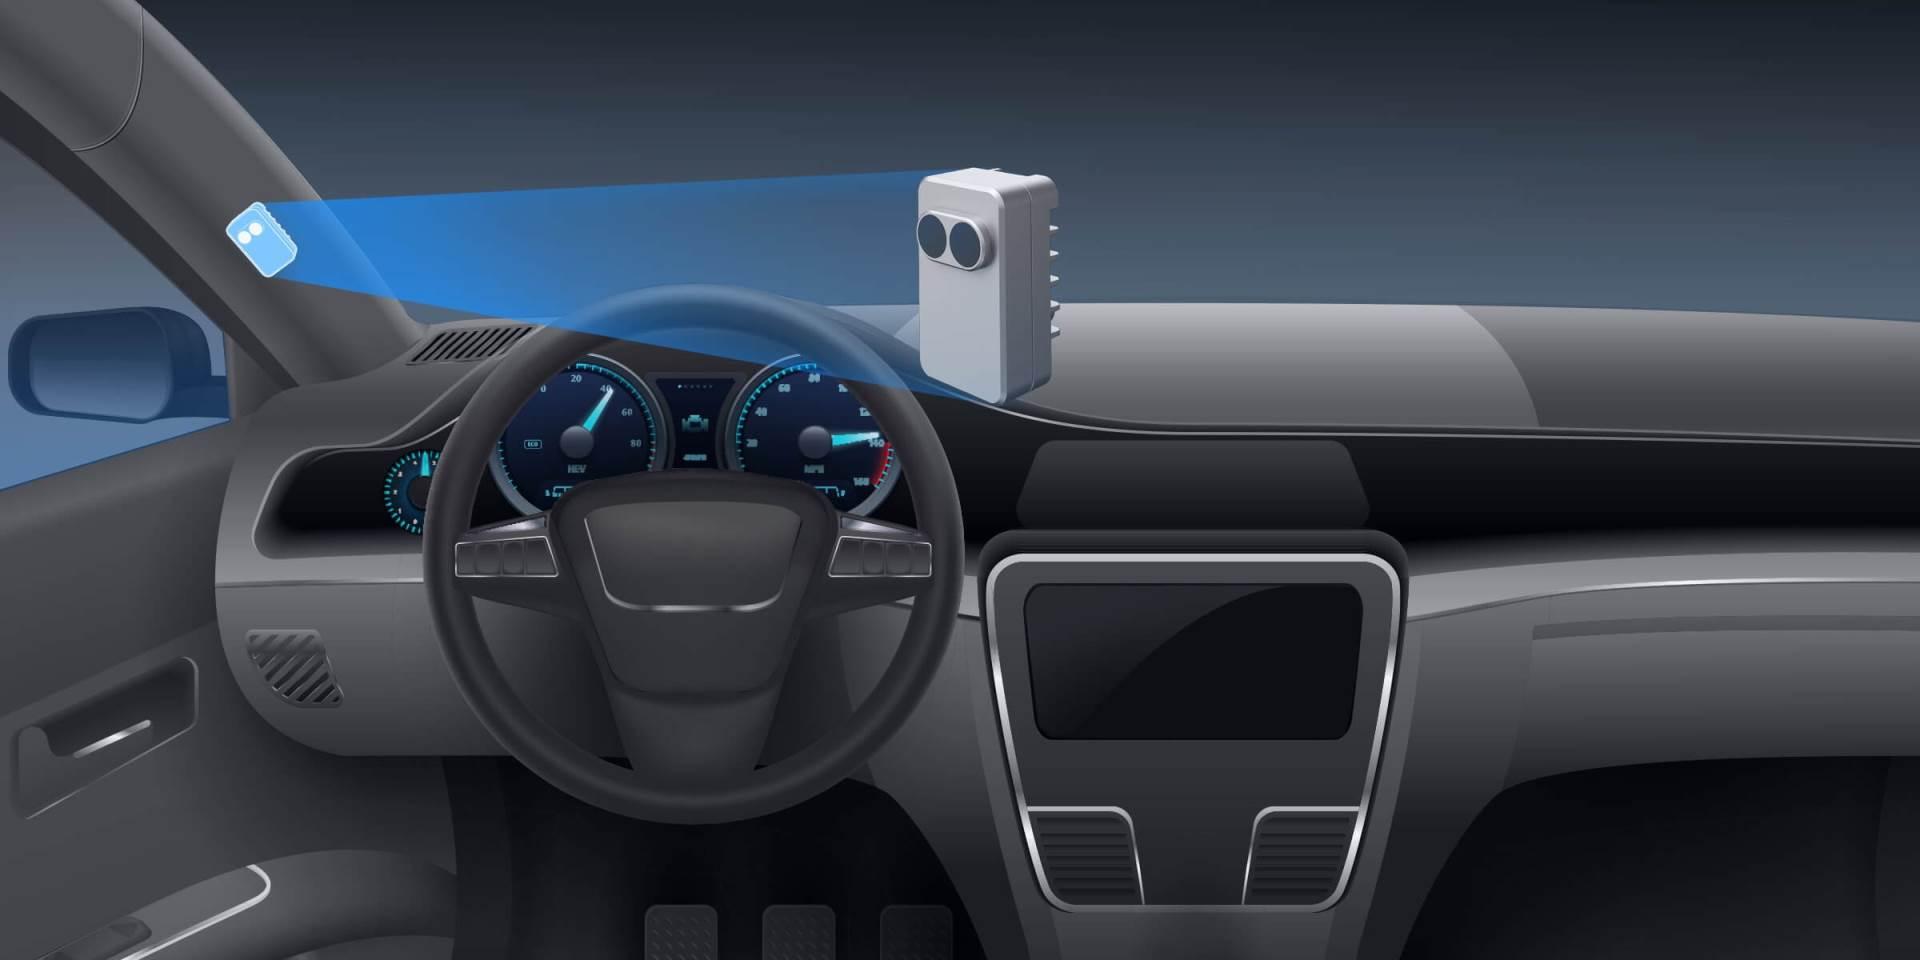 DJI sistem za praćenje vozača